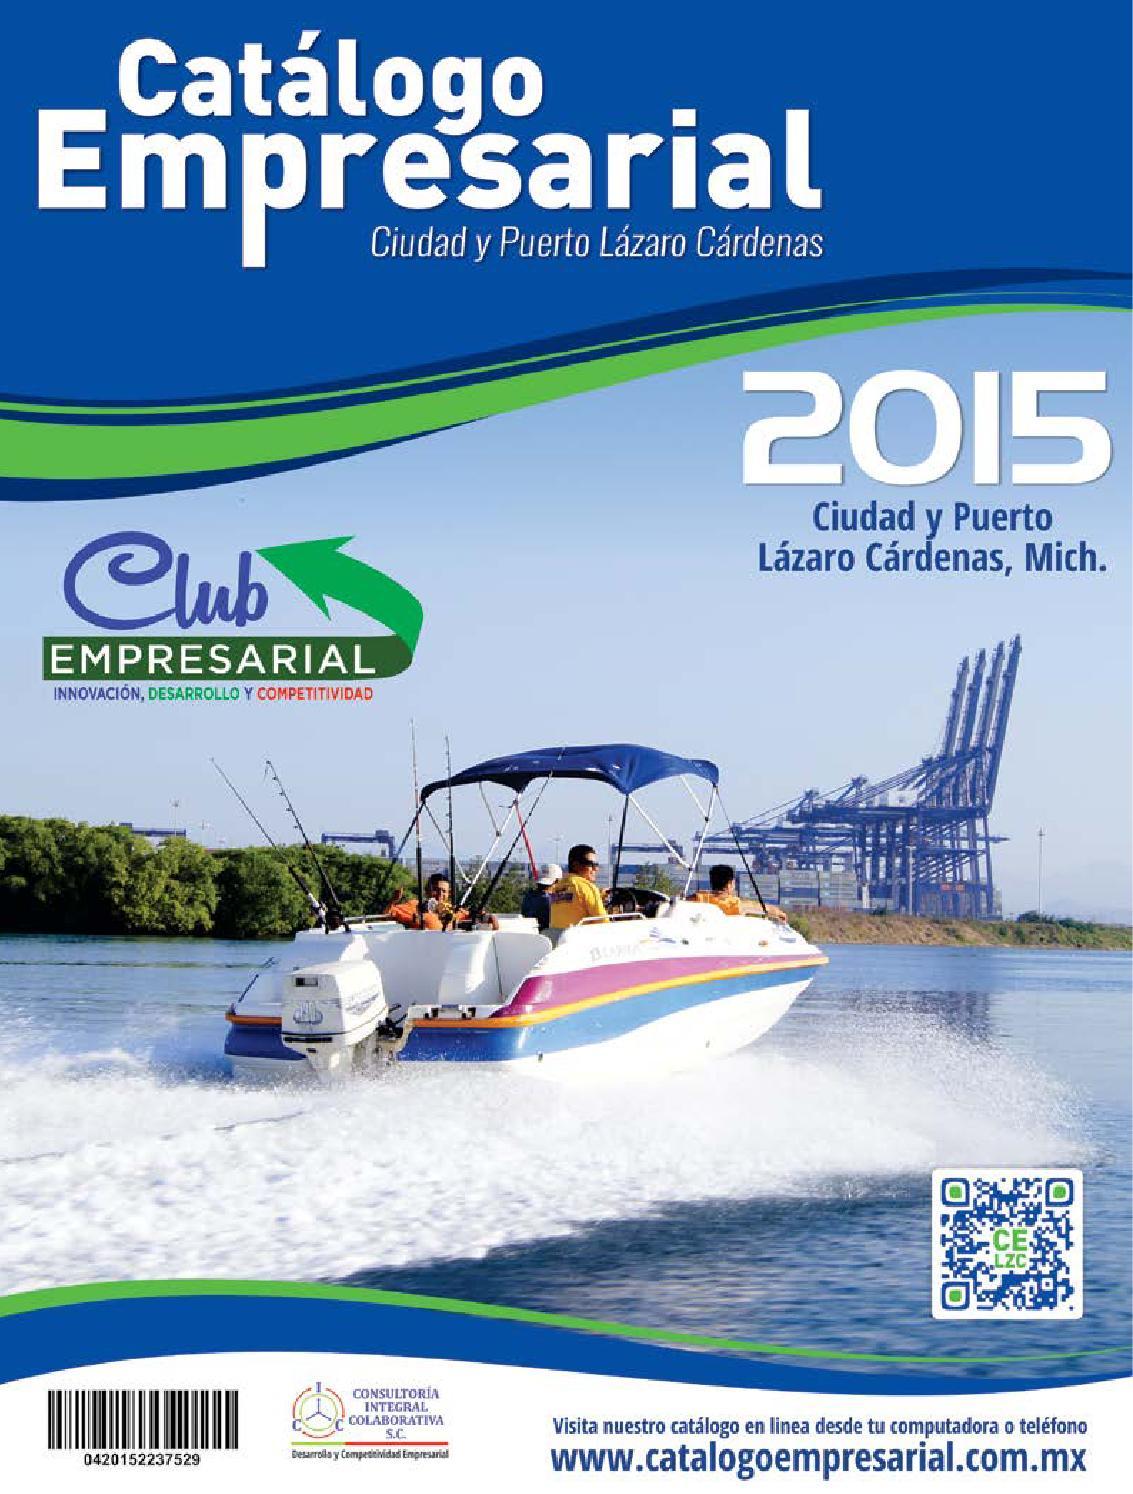 Catalogo Empresarial 2015 Lázaro Cárdenas Mich by Consultoria Integral  Colaborativa SC - issuu 000ca23bc4c8